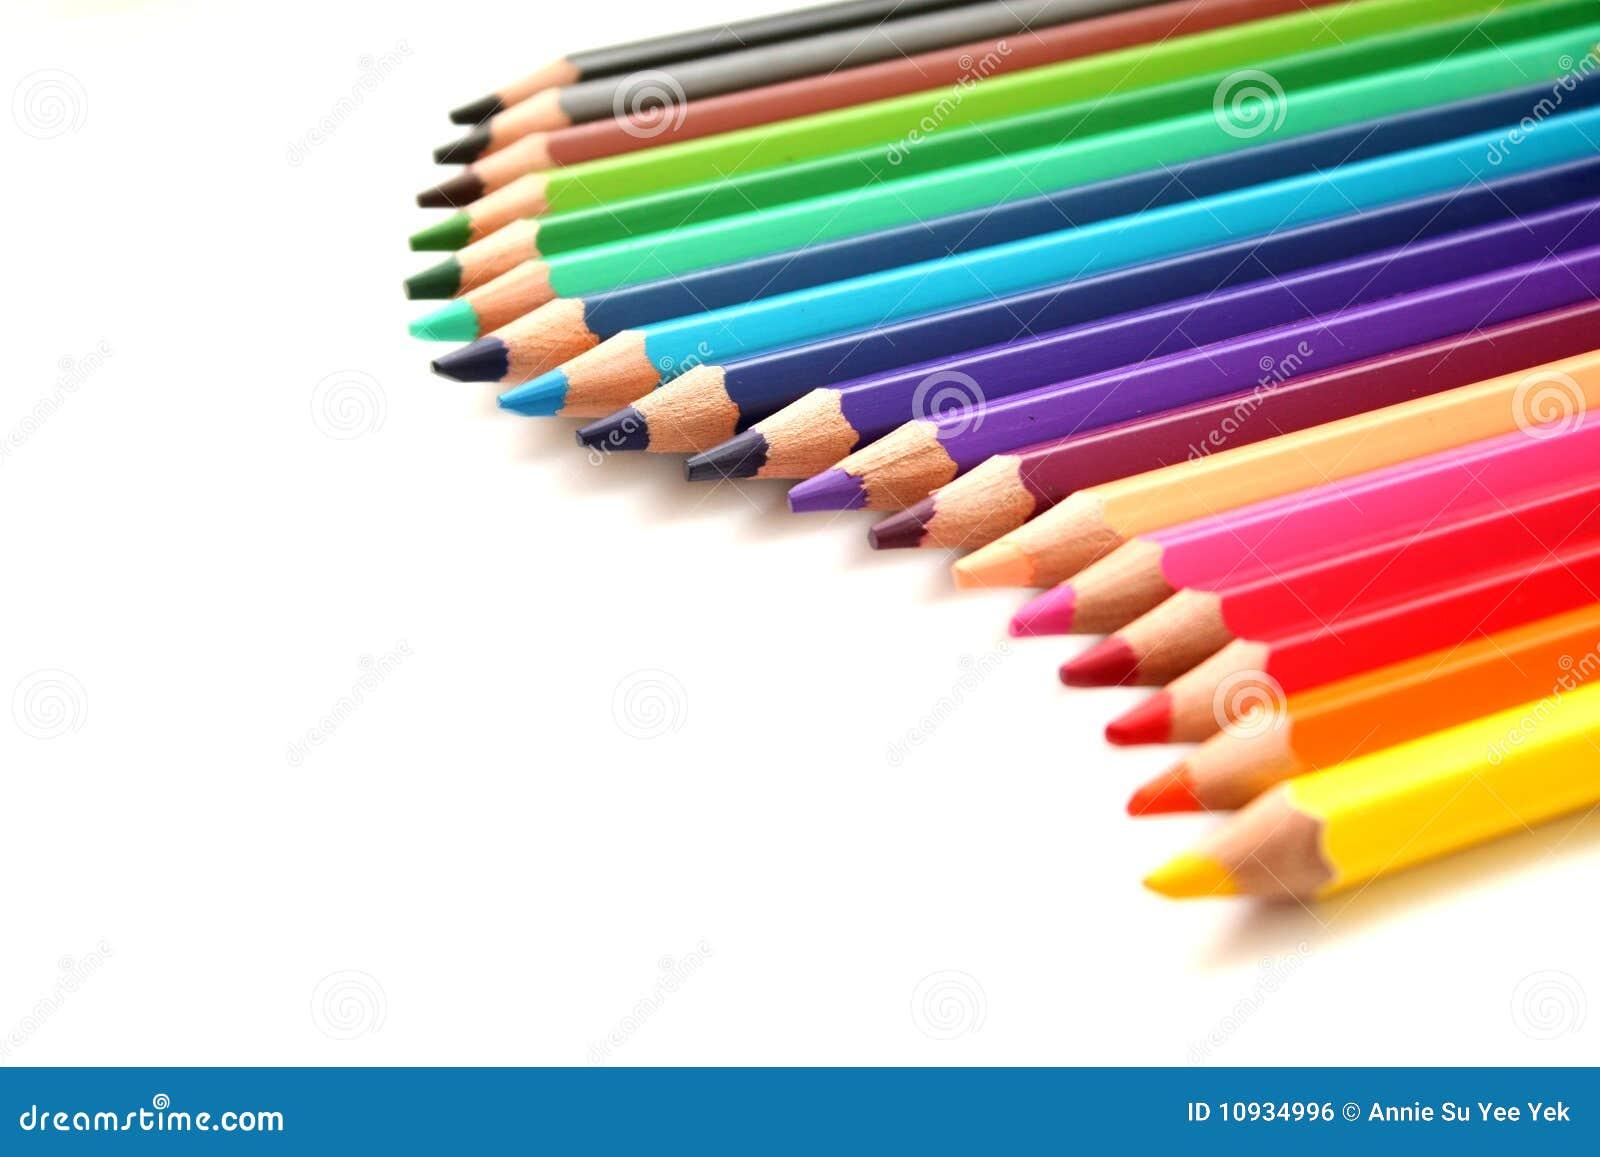 De potloden van de kleur royalty vrije stock afbeelding afbeelding 10934996 - Kleur van meisjeskamers ...